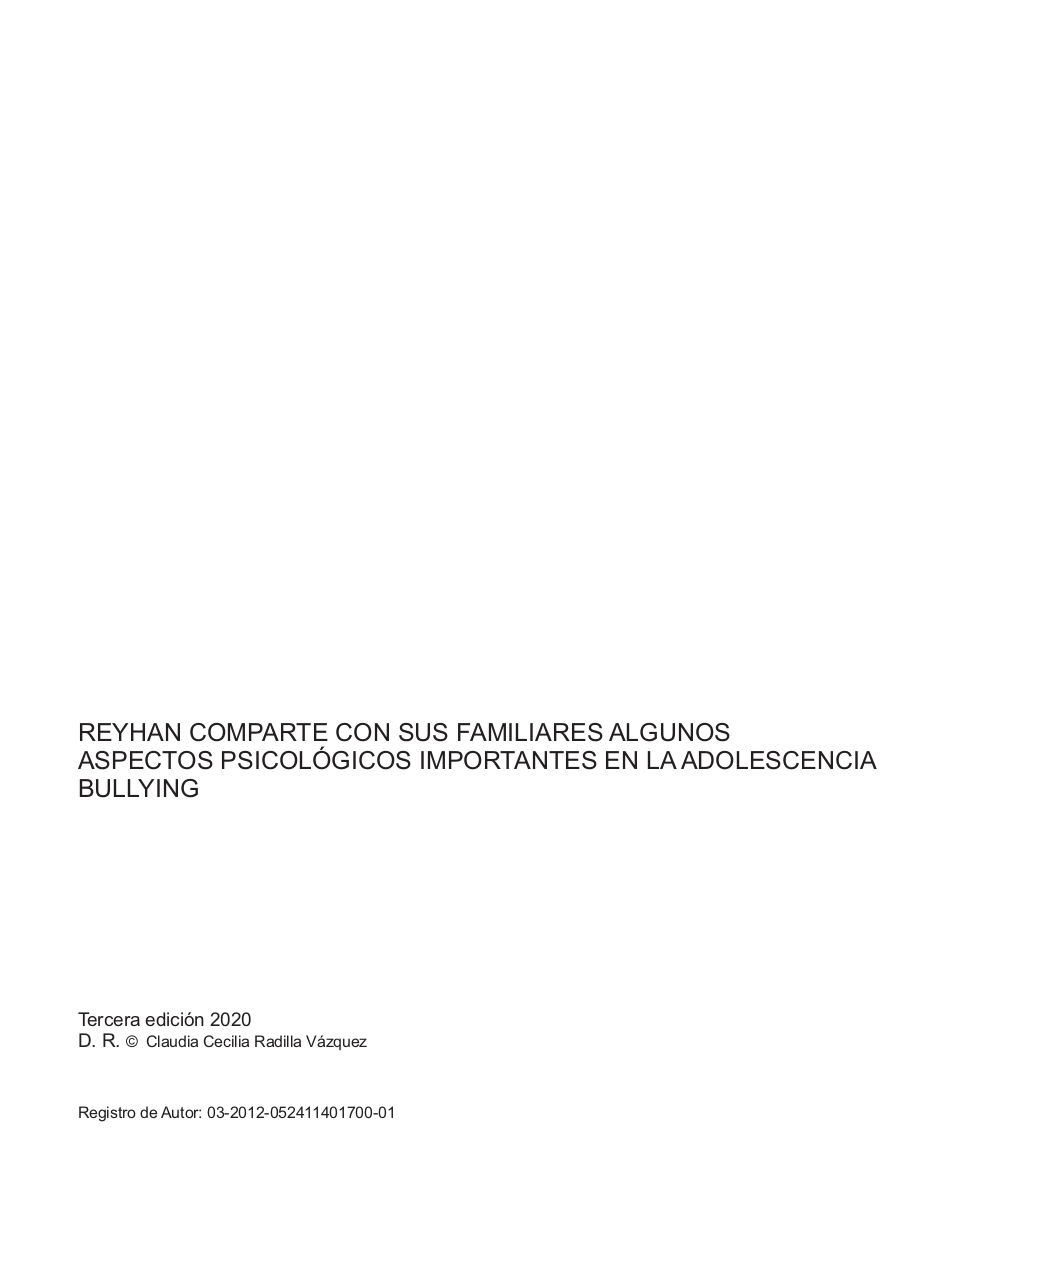 Psicología padres Reyhan cap3 digital_page-0003